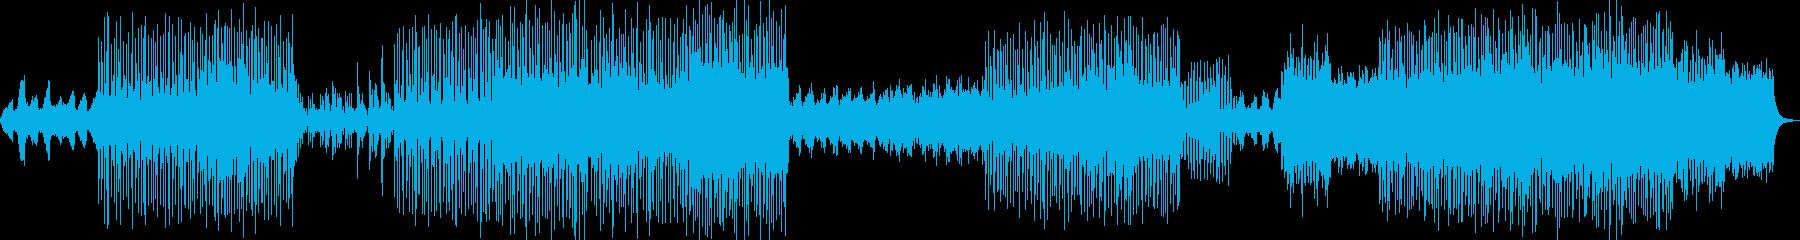 電気楽器。チルアウトレイトナイトバ...の再生済みの波形